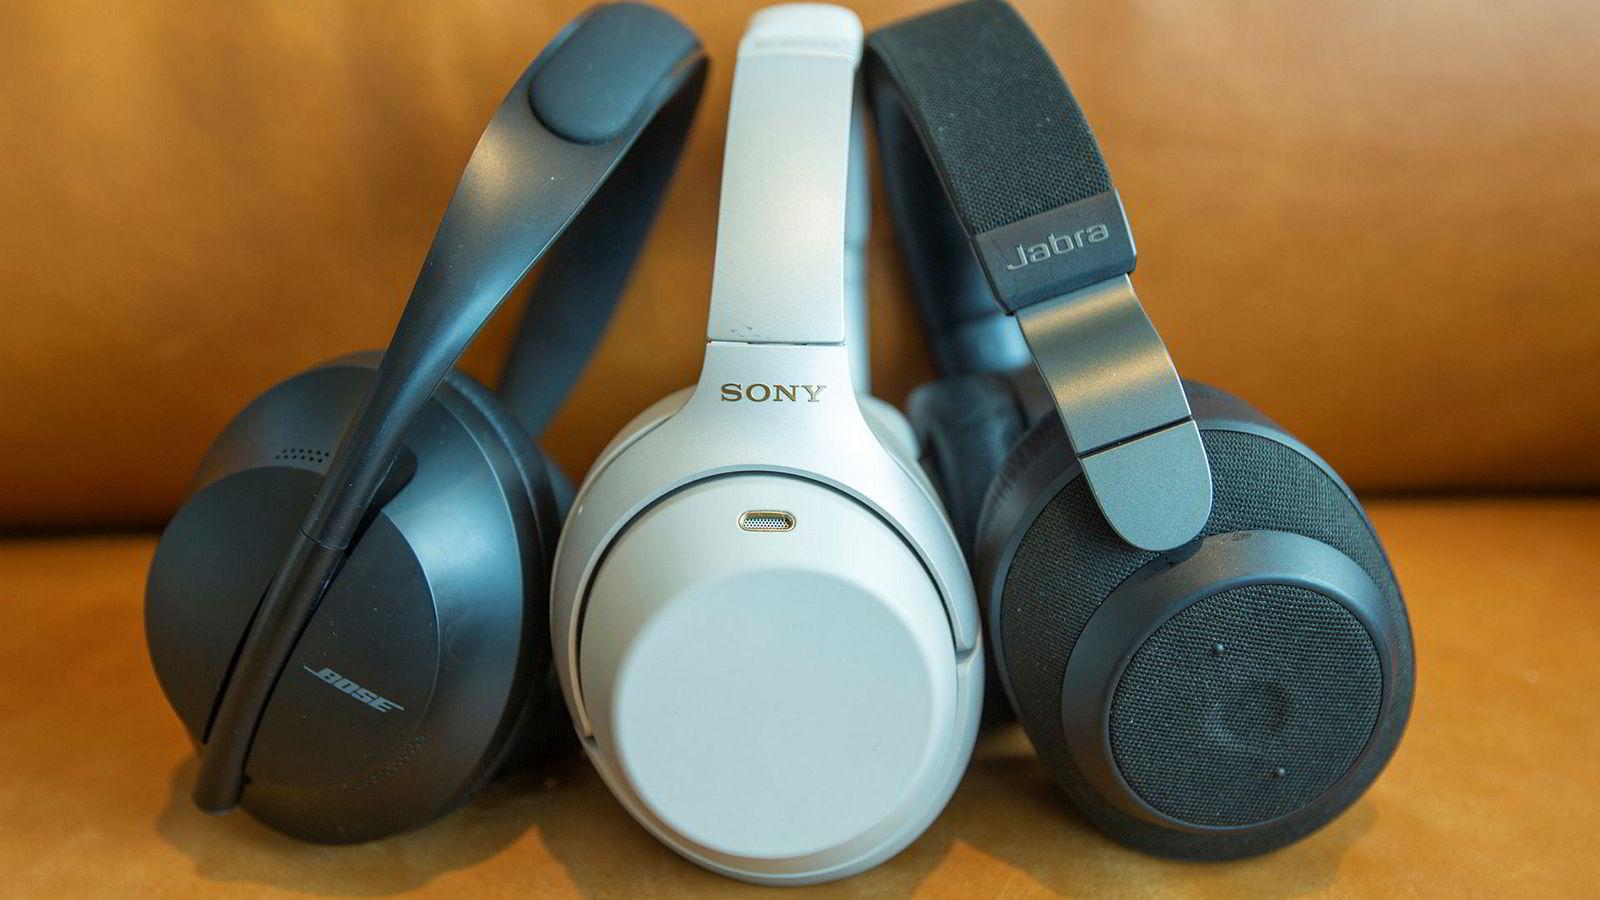 Sony WH-1000XM3, Bose NCH 700 og Jabra Elite 85h er tre av våre favoritter så langt i 2019.